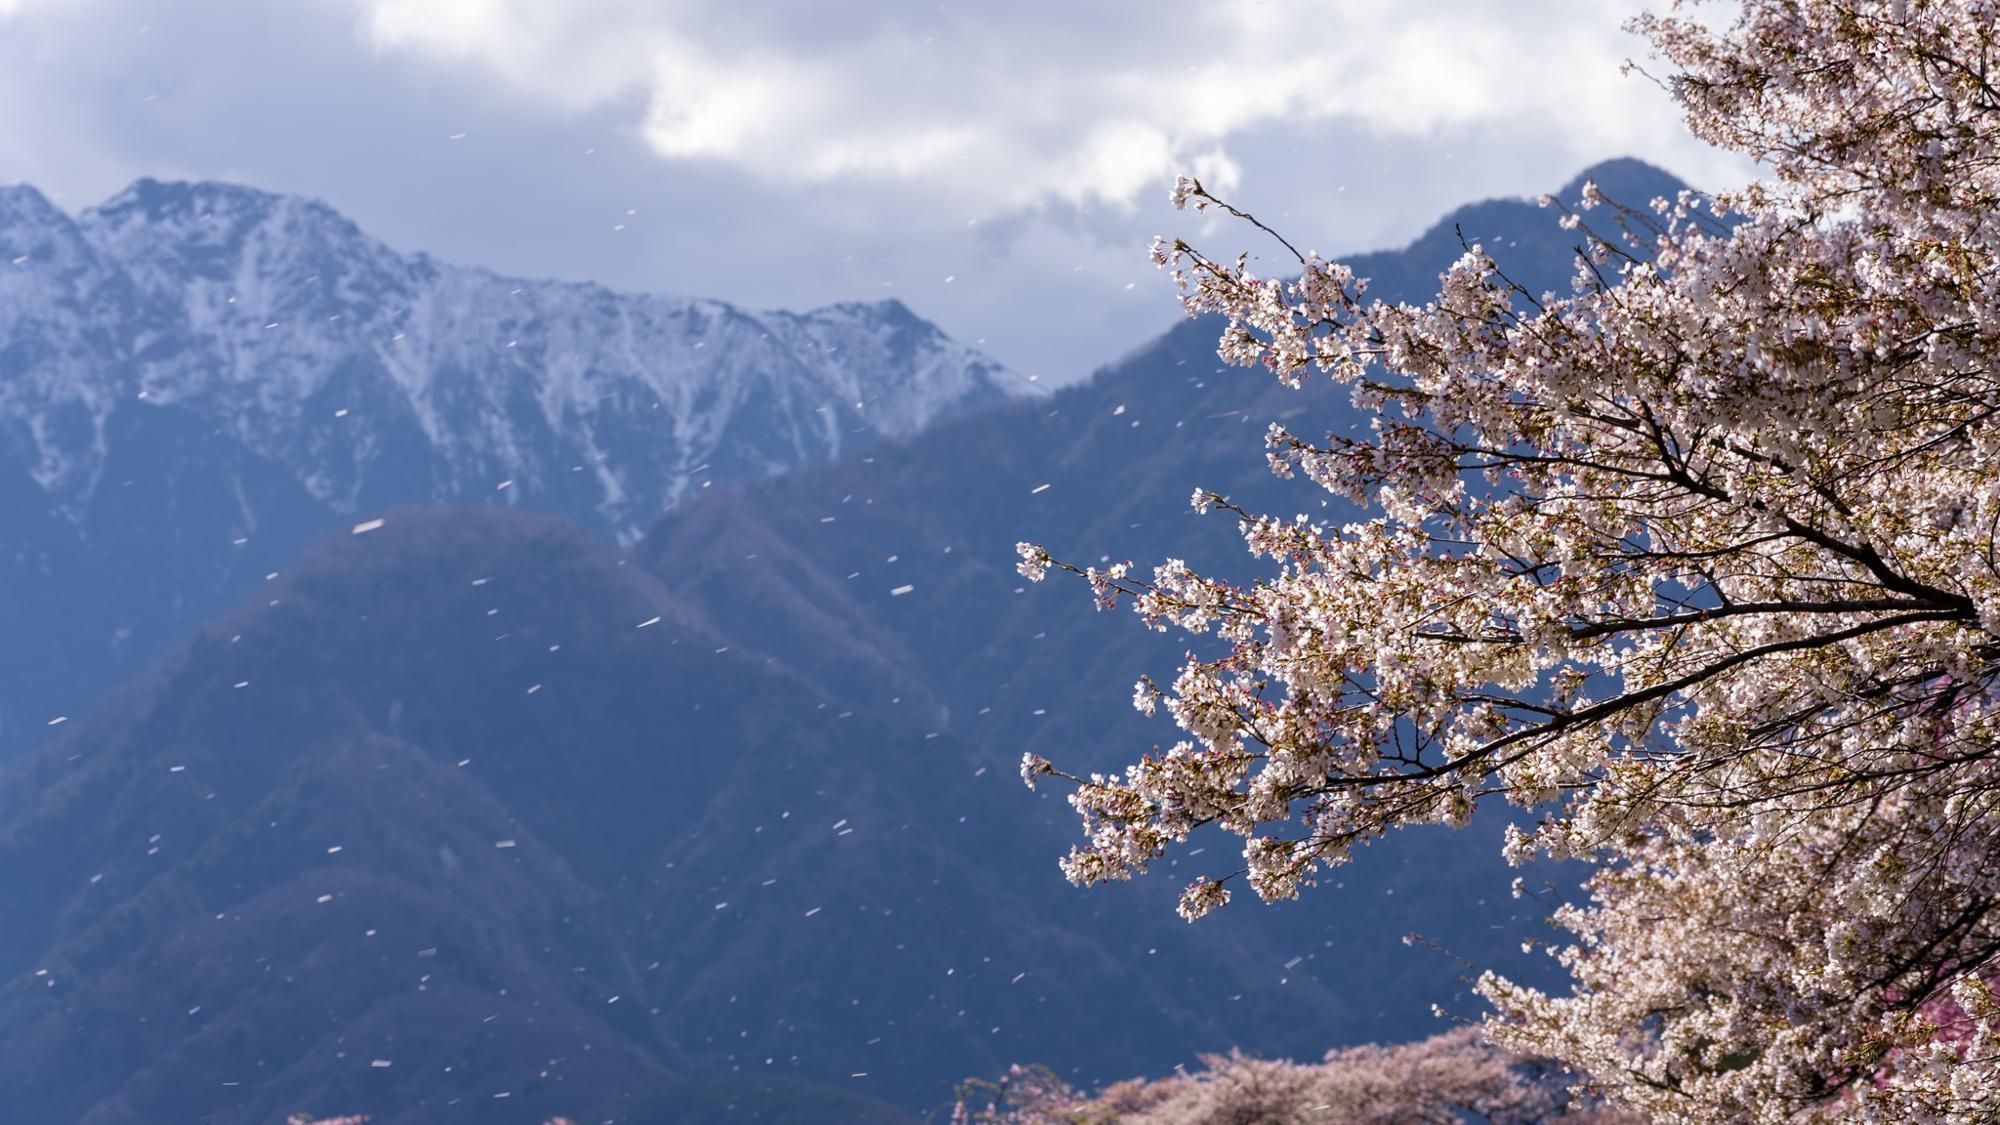 キャンプ場予定地から少ししたところに桜並木があります